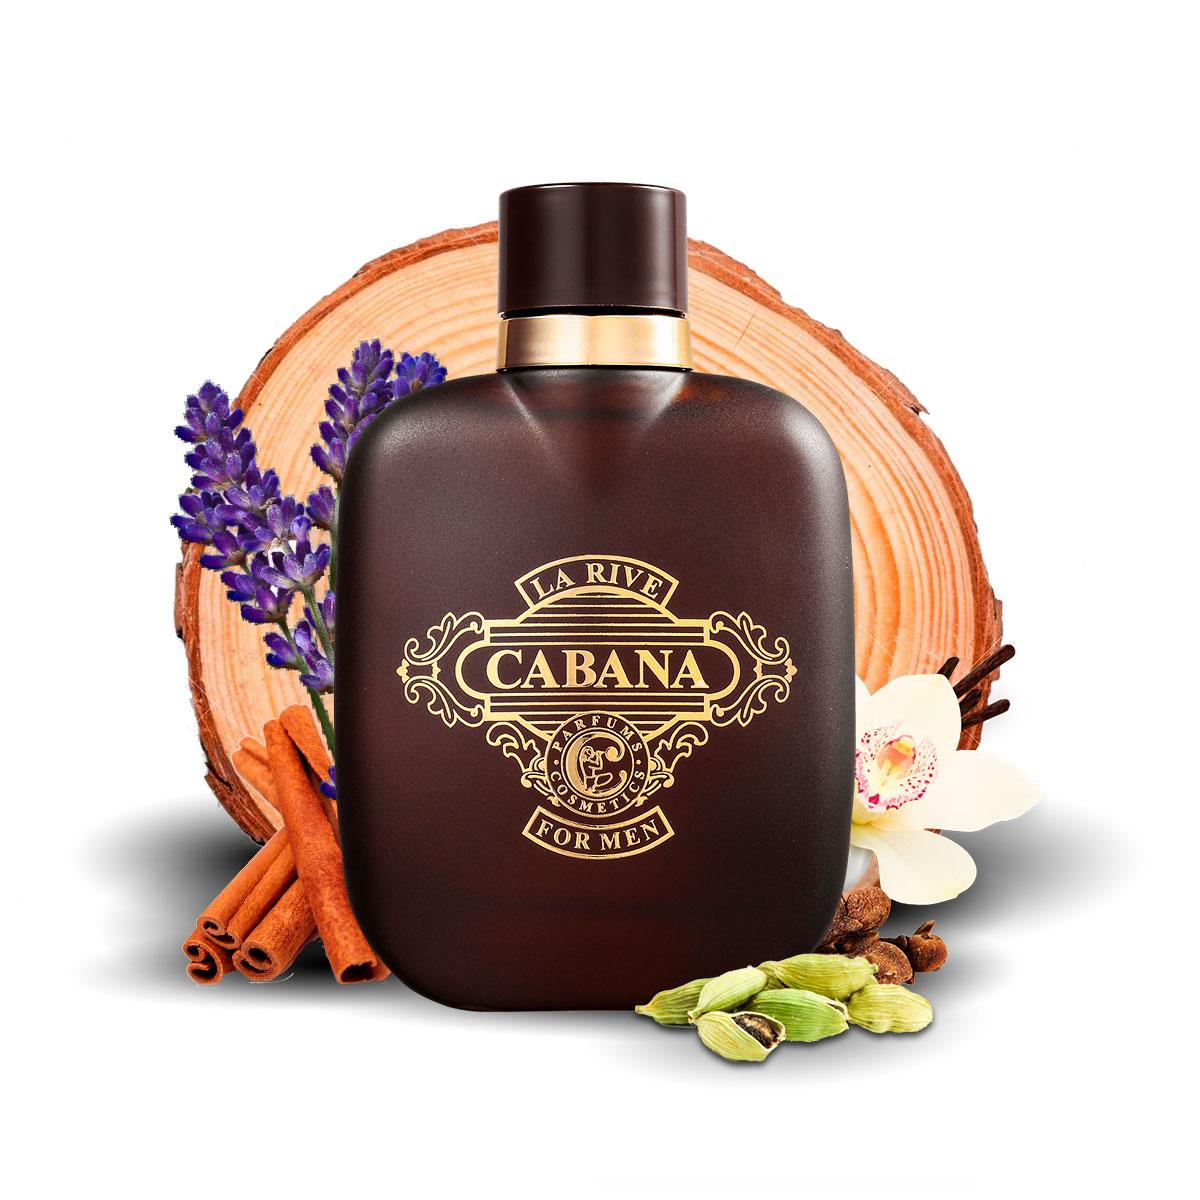 Kit 2 Perfumes Importados Queen of Life e Cabana La Rive